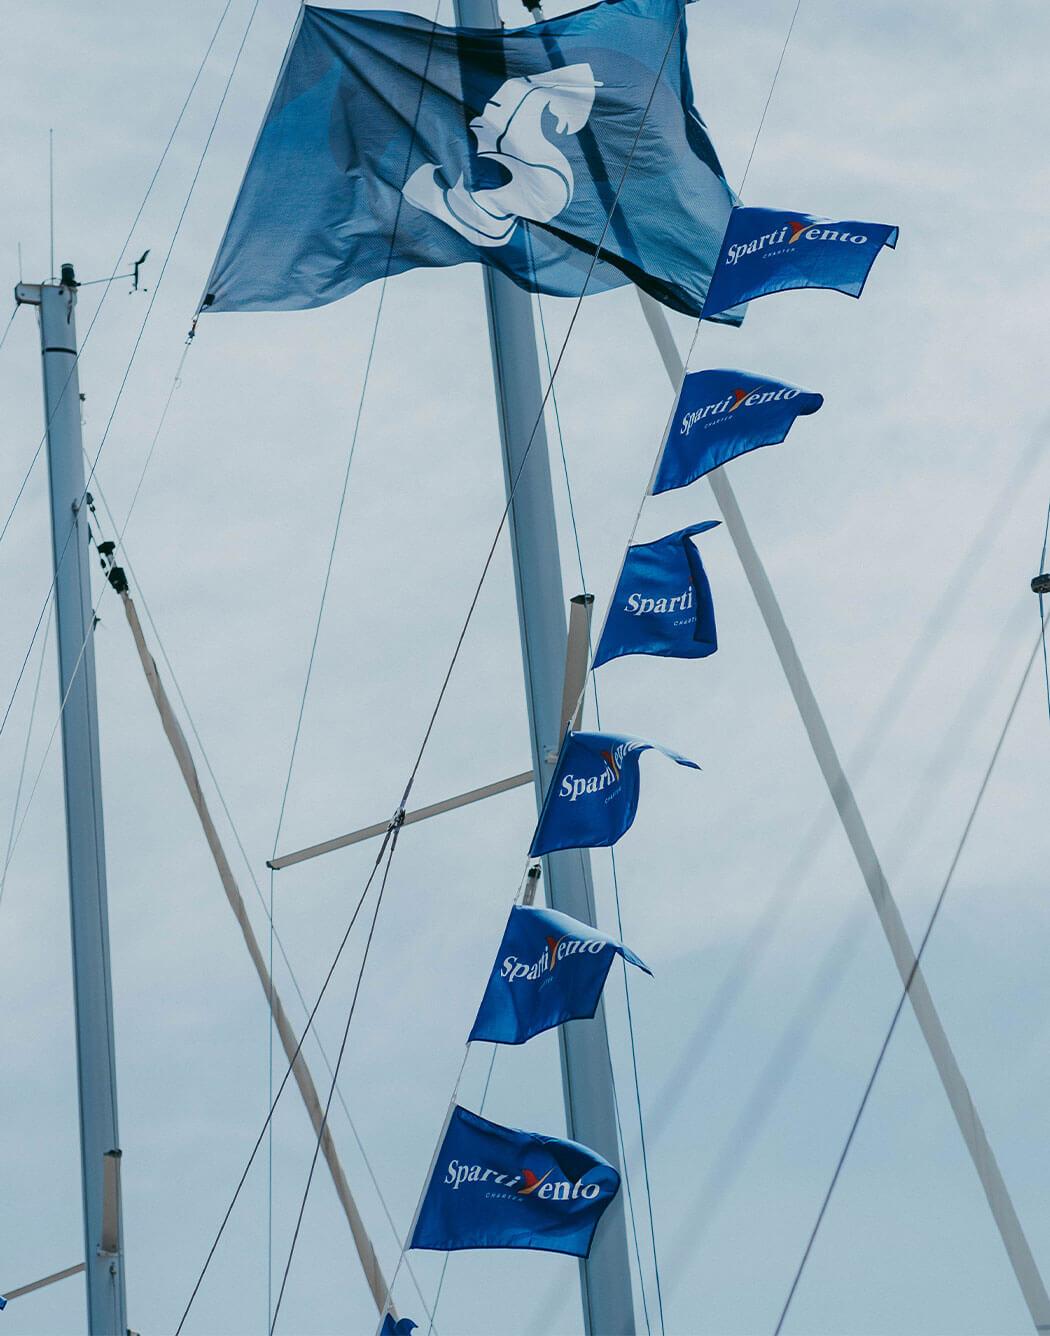 Sei bandiere con il logo di Spartivento Yachts e una bandiera più grande con il logo di Beneteau, sventolano.